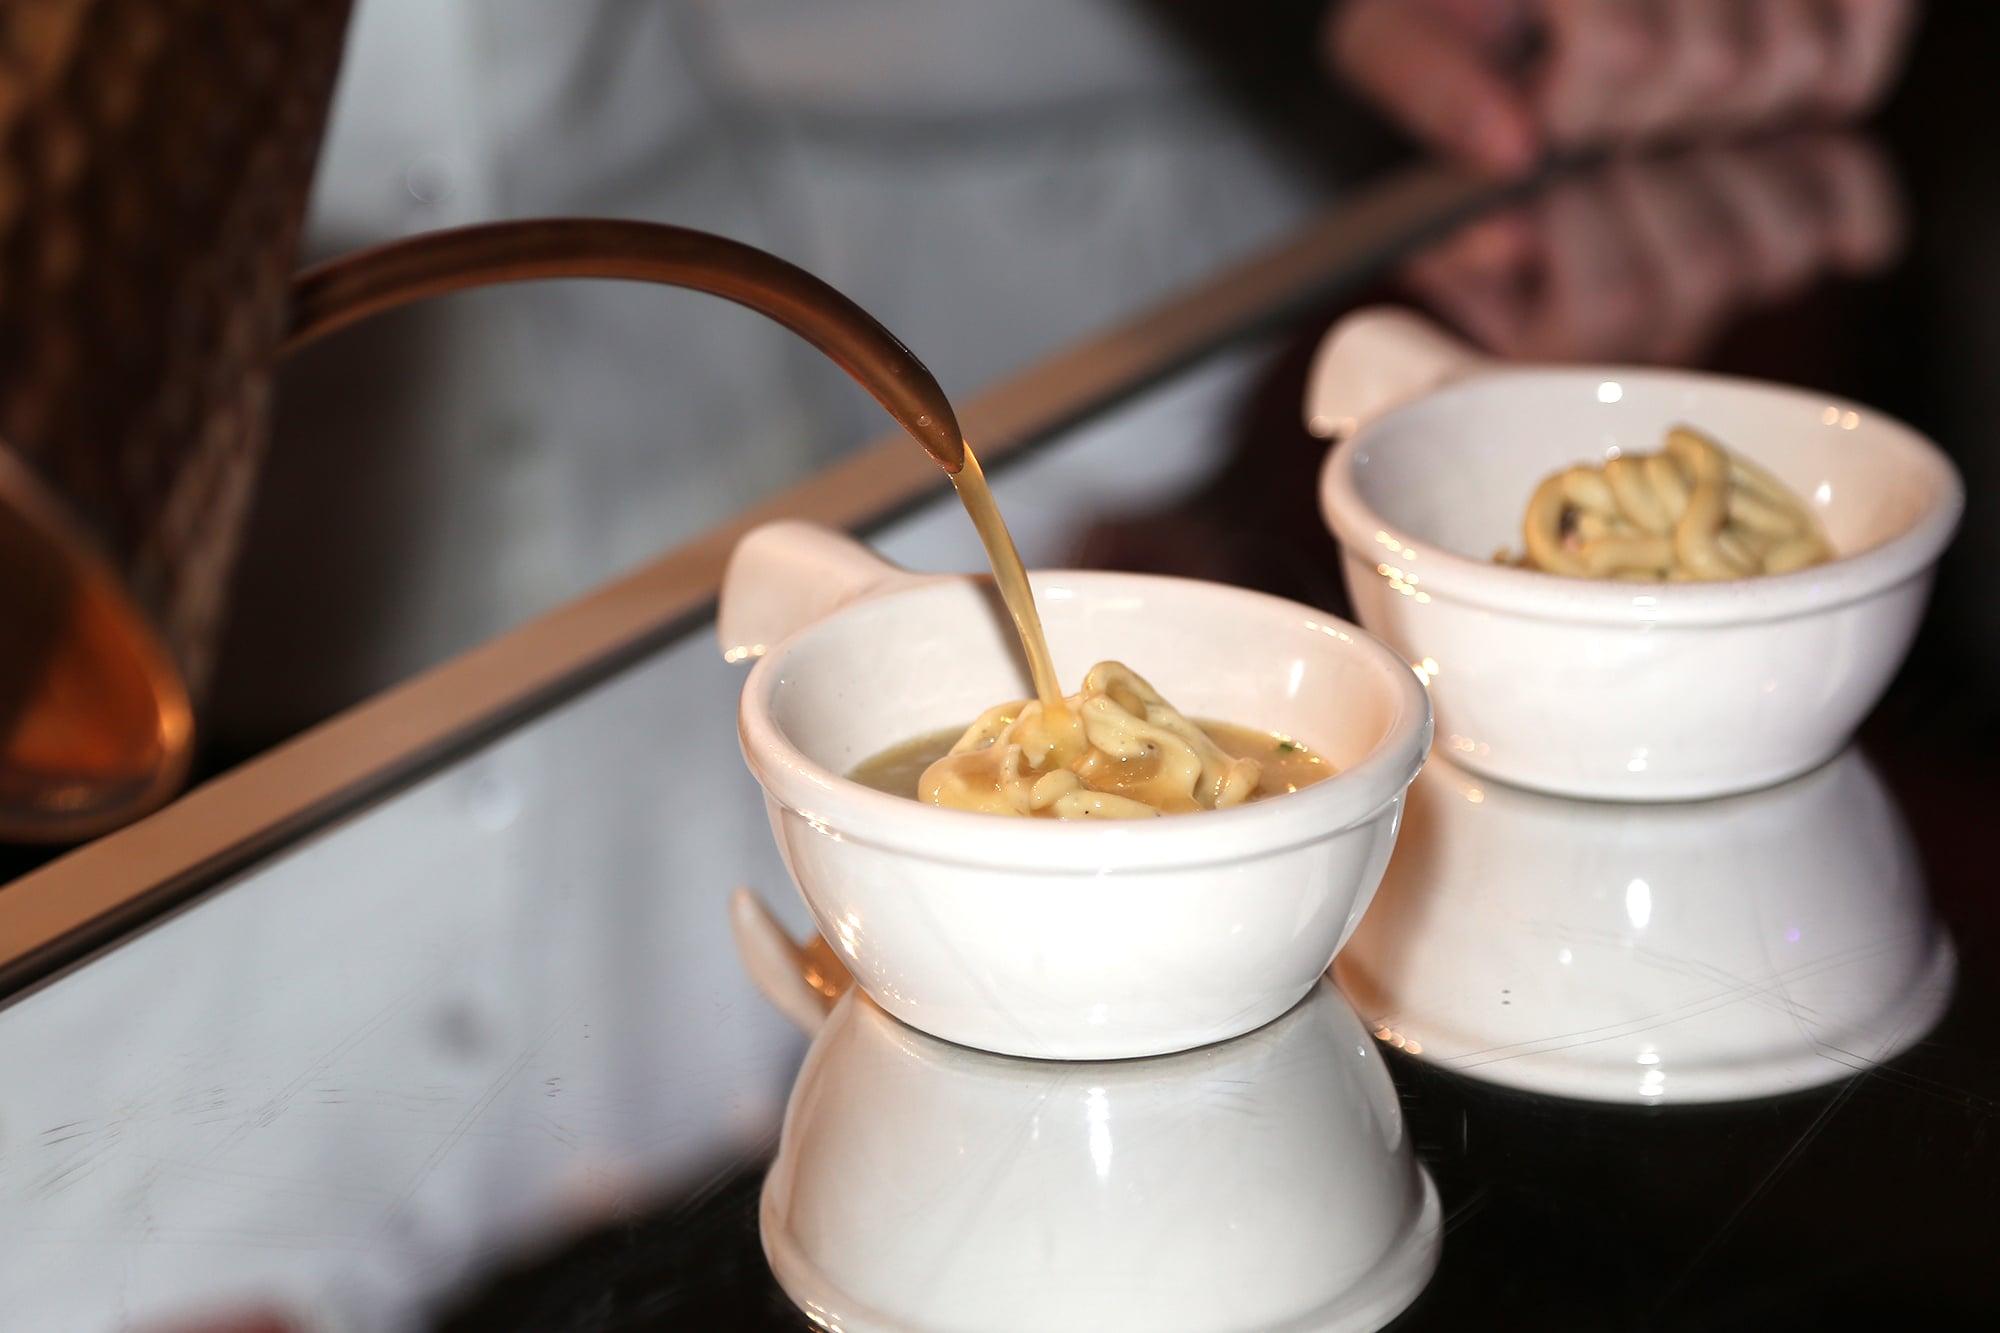 Vanishing Noodles